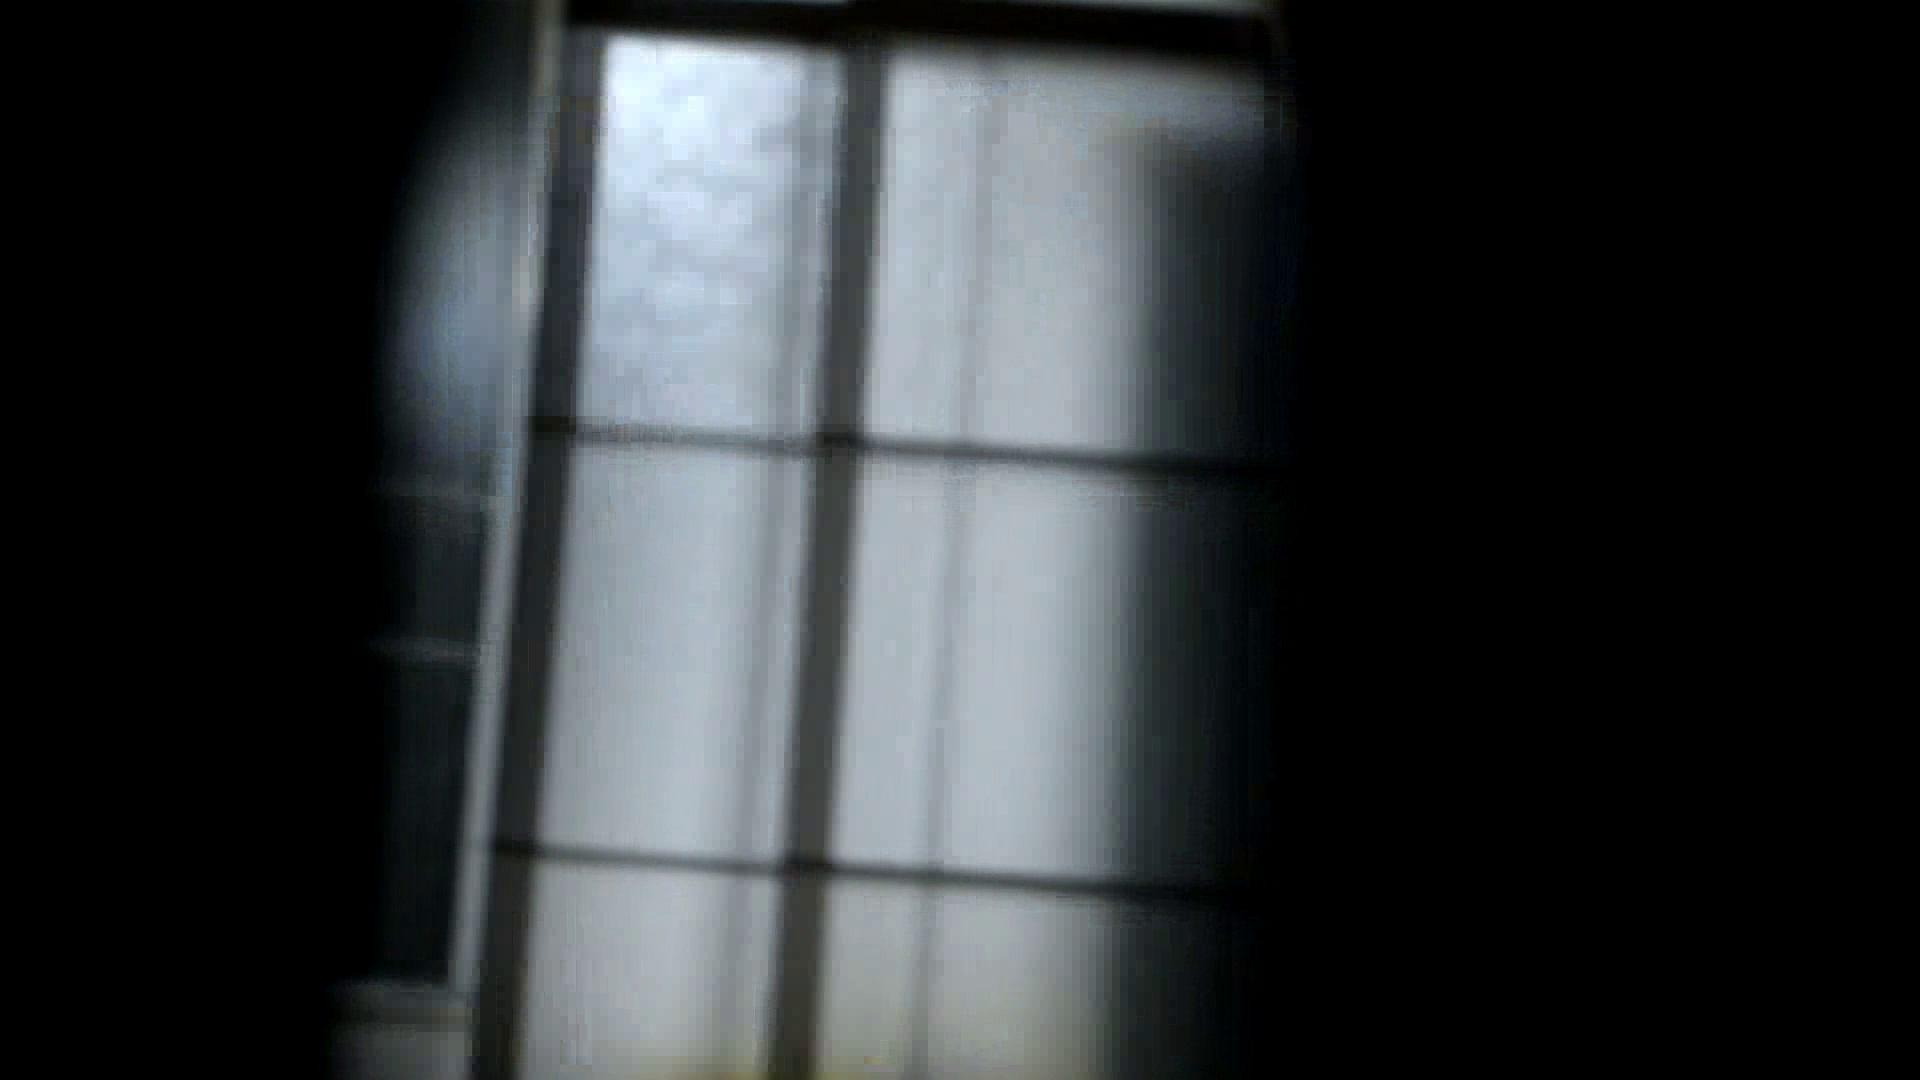 リアル盗撮 清楚なお女市さんのマル秘私生活② 盗撮エロすぎ   美女達のヌード  53連発 47